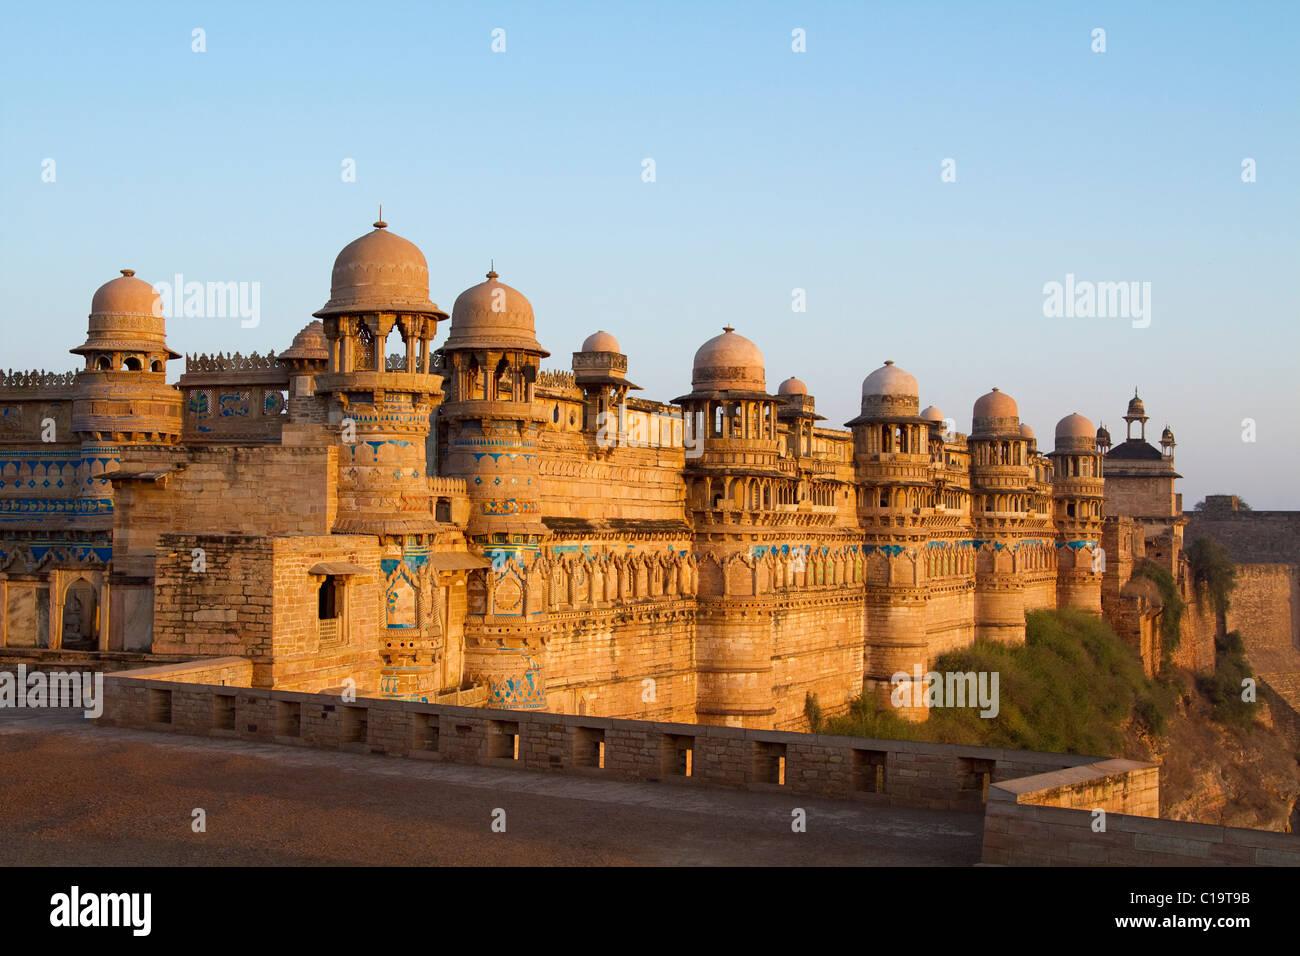 Fort en una ciudad, Gwalior Fort, Gwalior, Madhya Pradesh, India Foto de stock